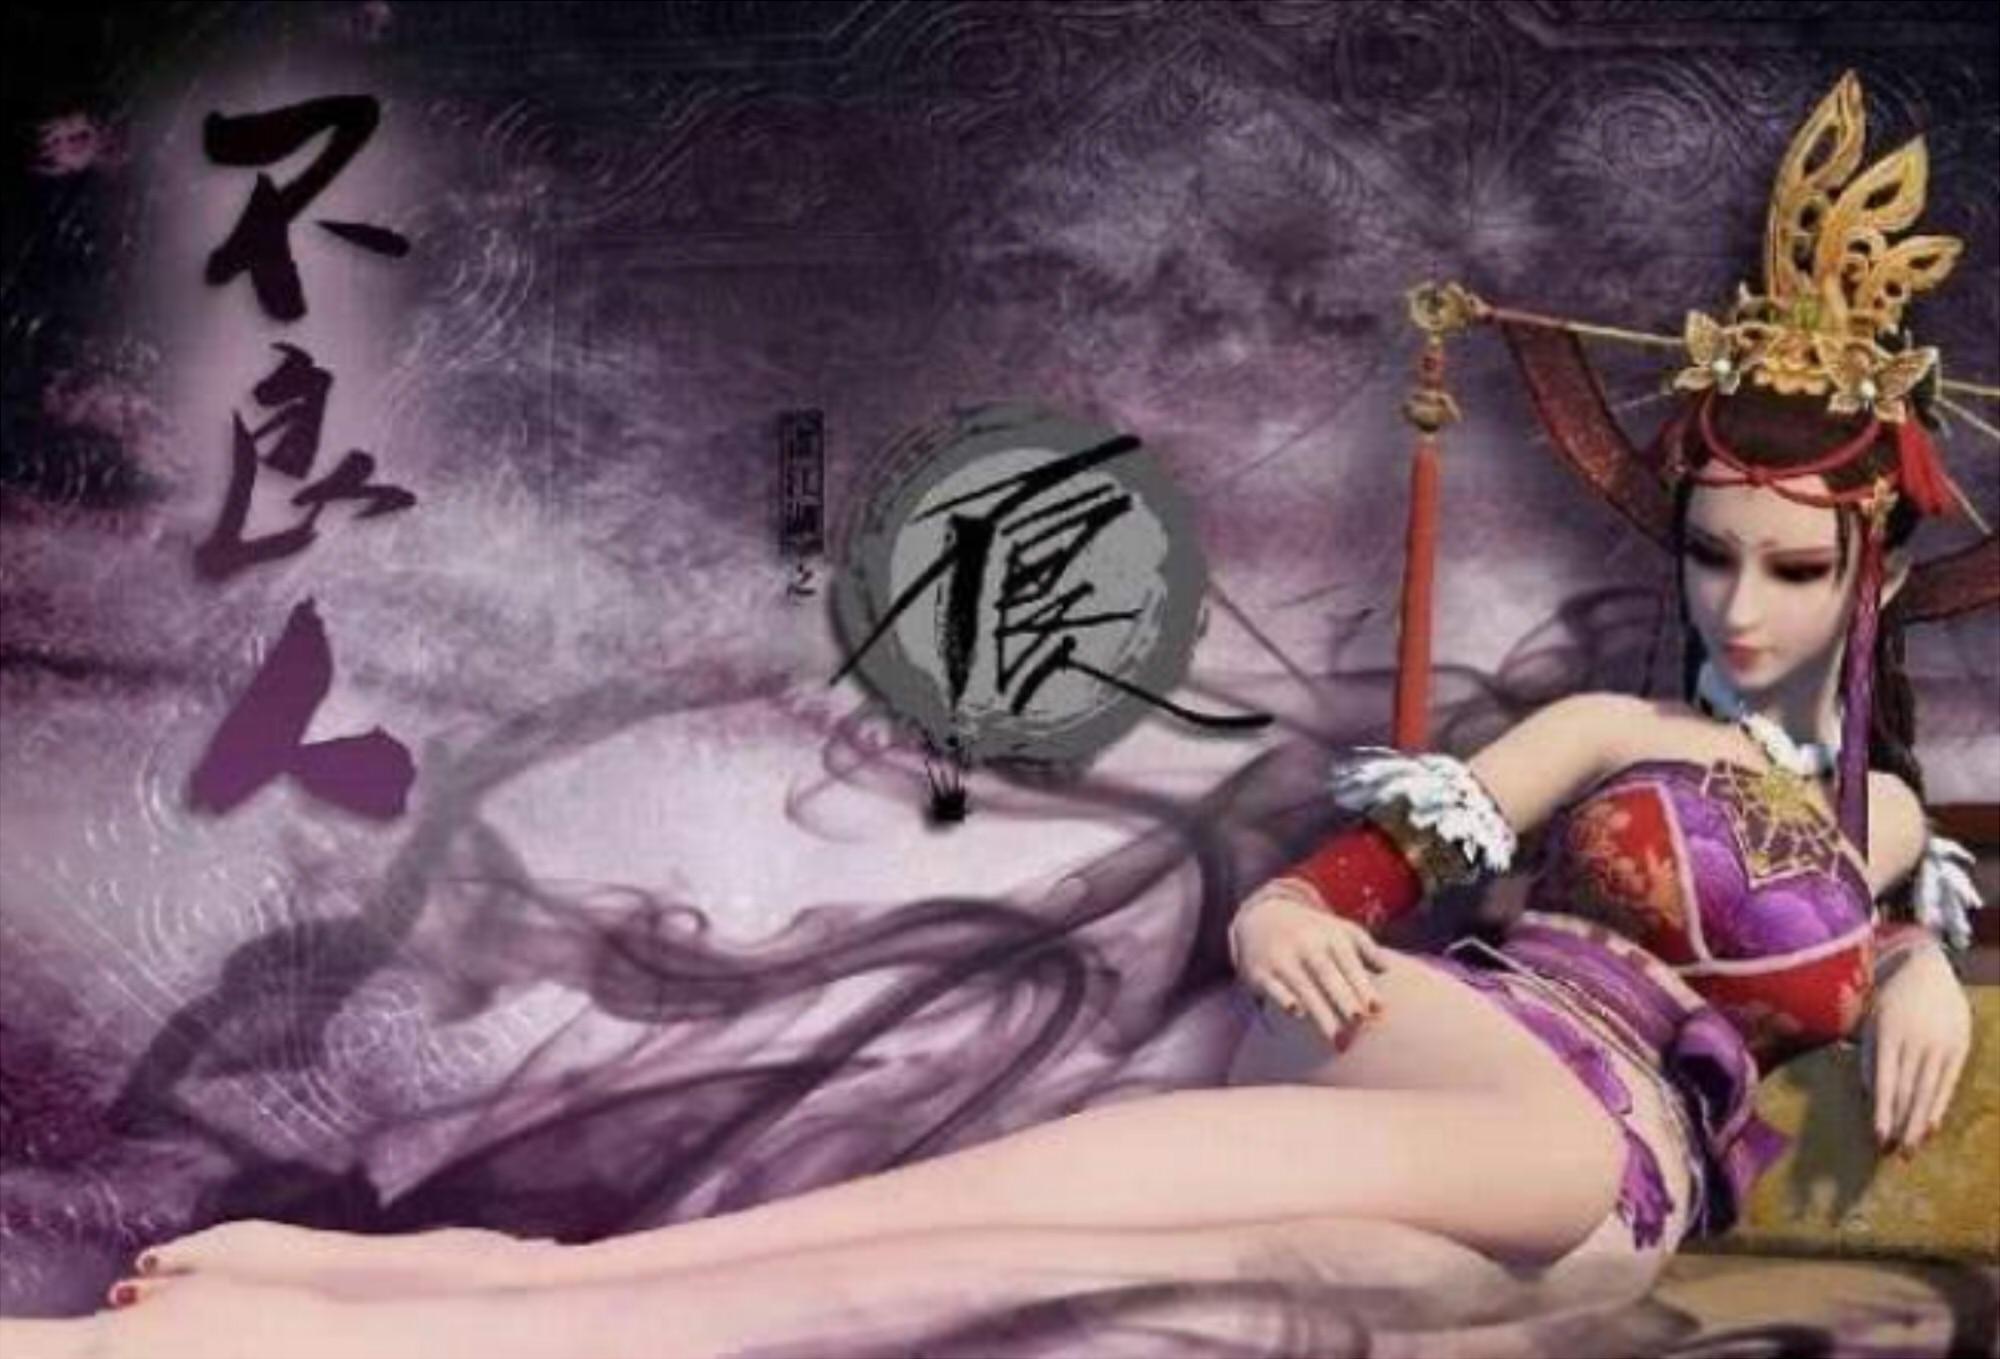 《画江湖》中的女帝,和主角有着说不清的关系.